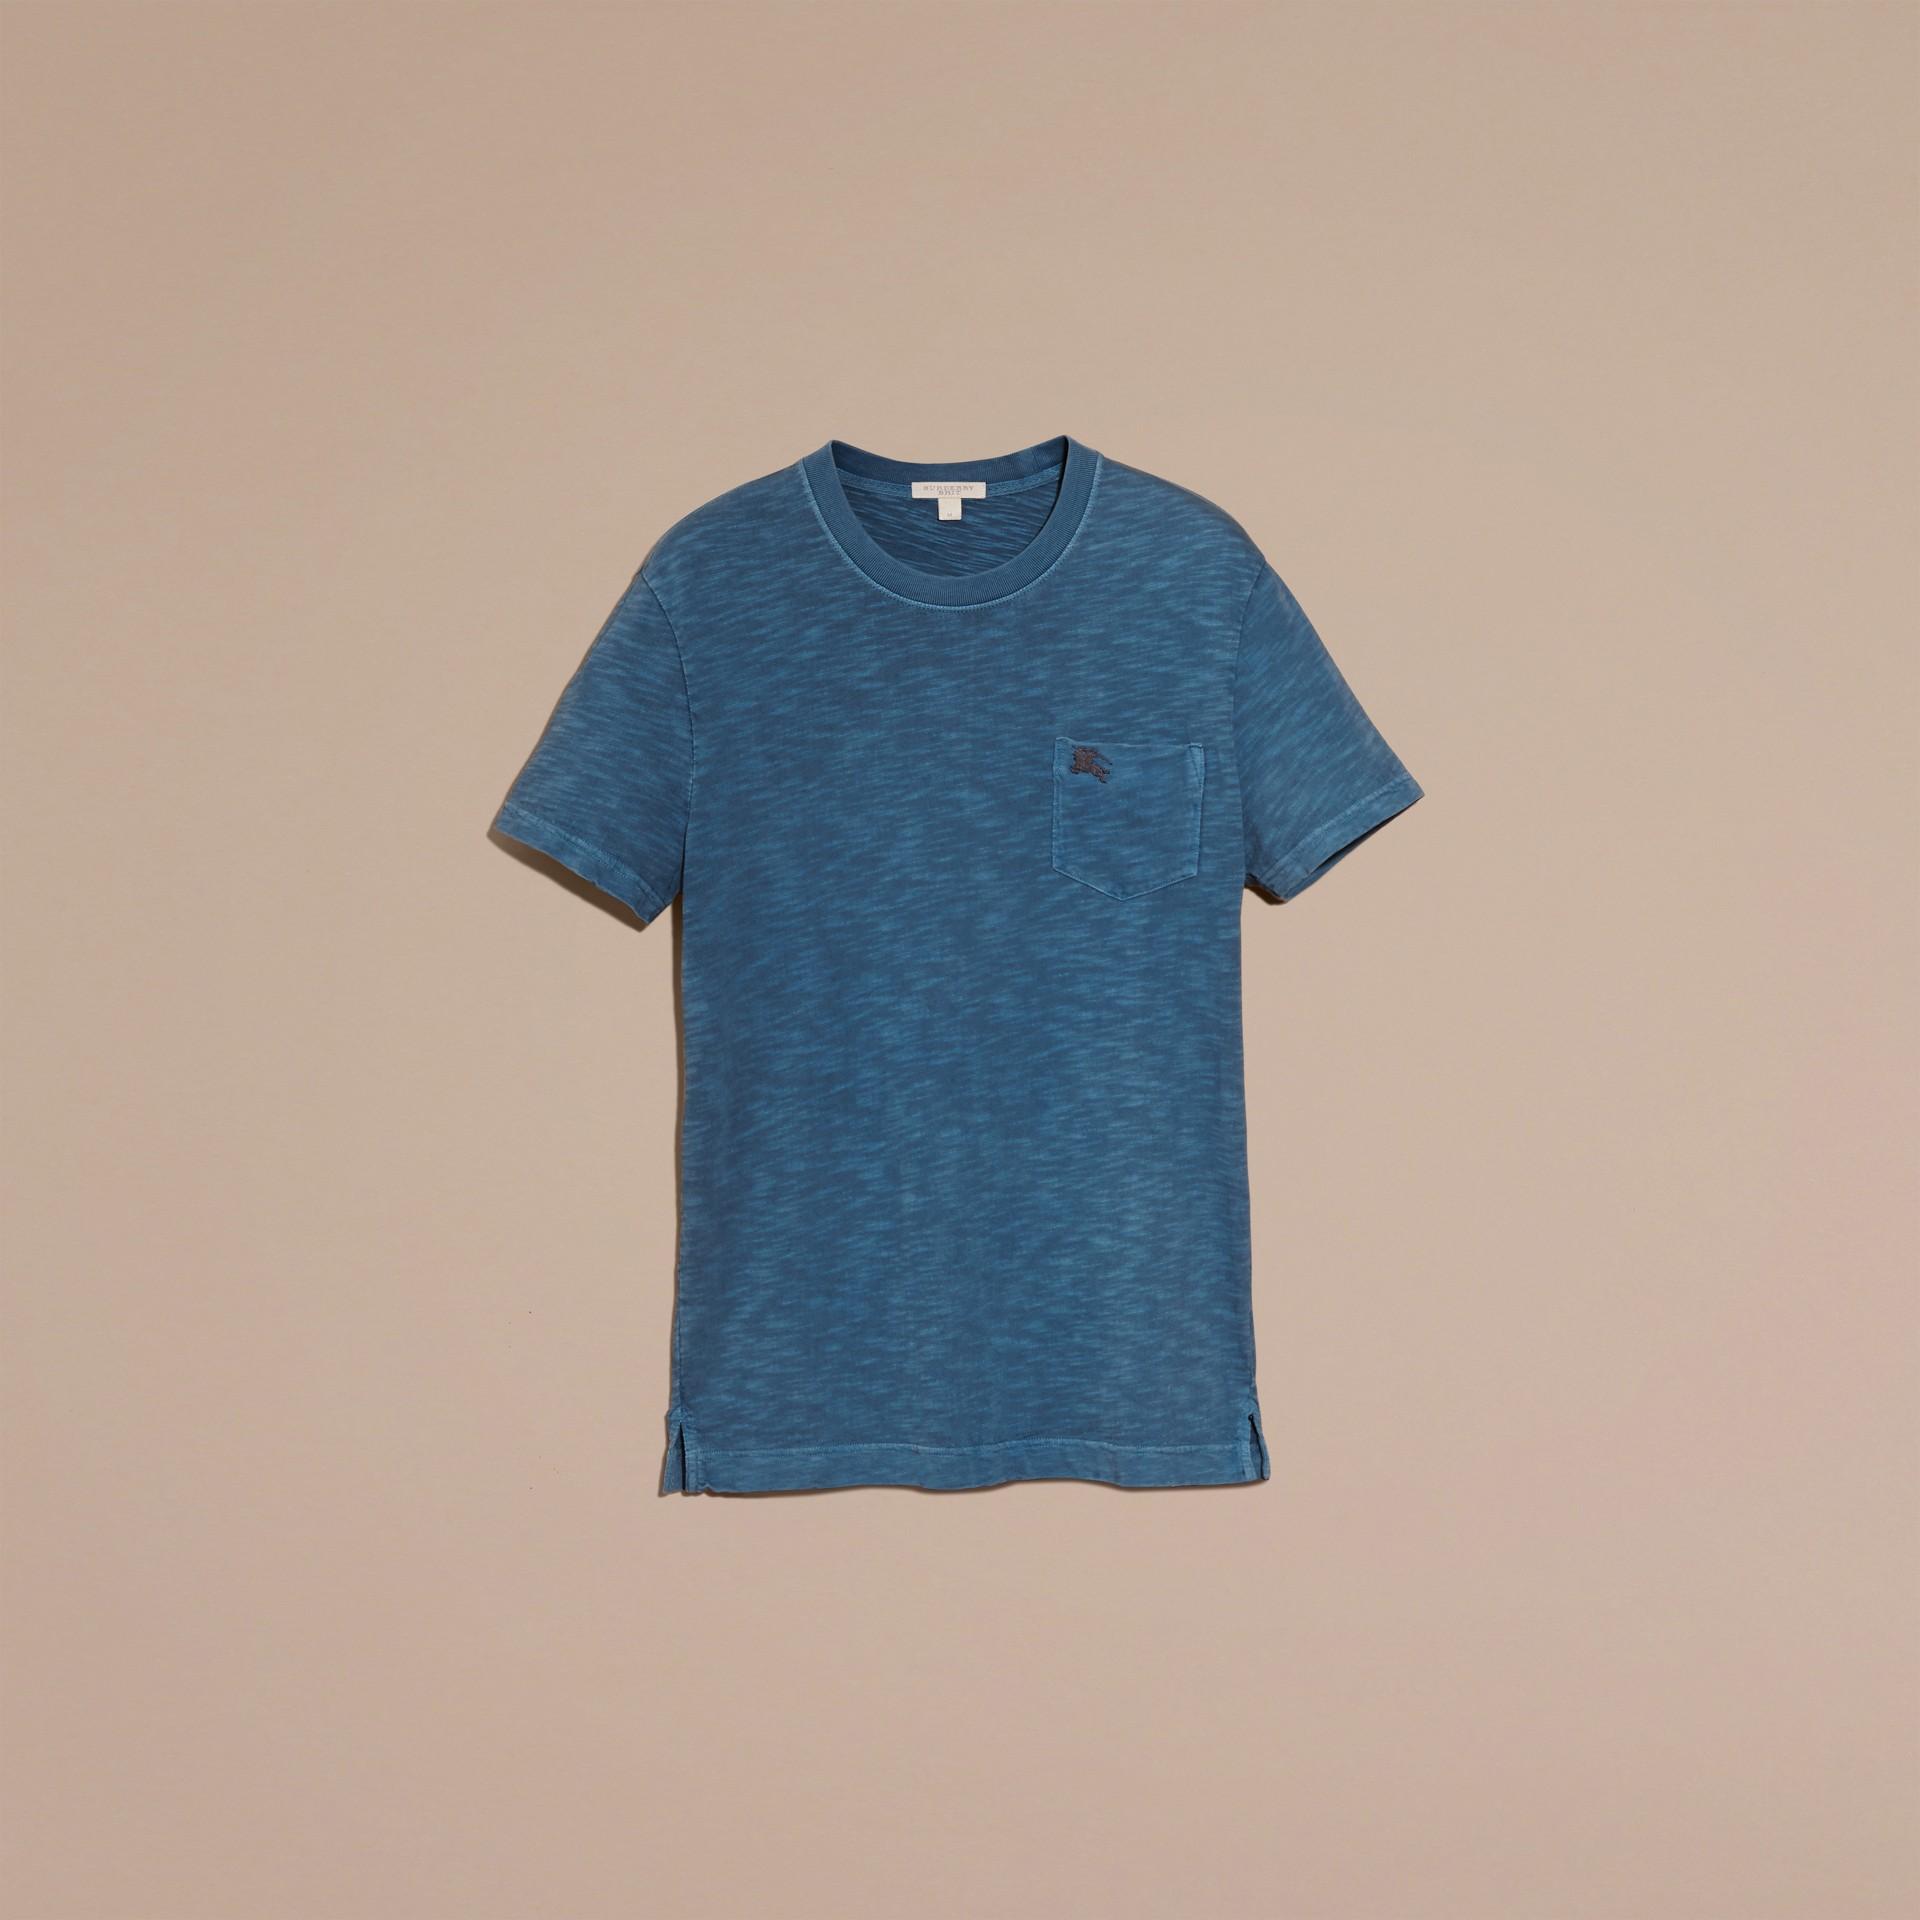 Bleu lupin T-shirt en jersey flammé double teinture Bleu Lupin - photo de la galerie 4